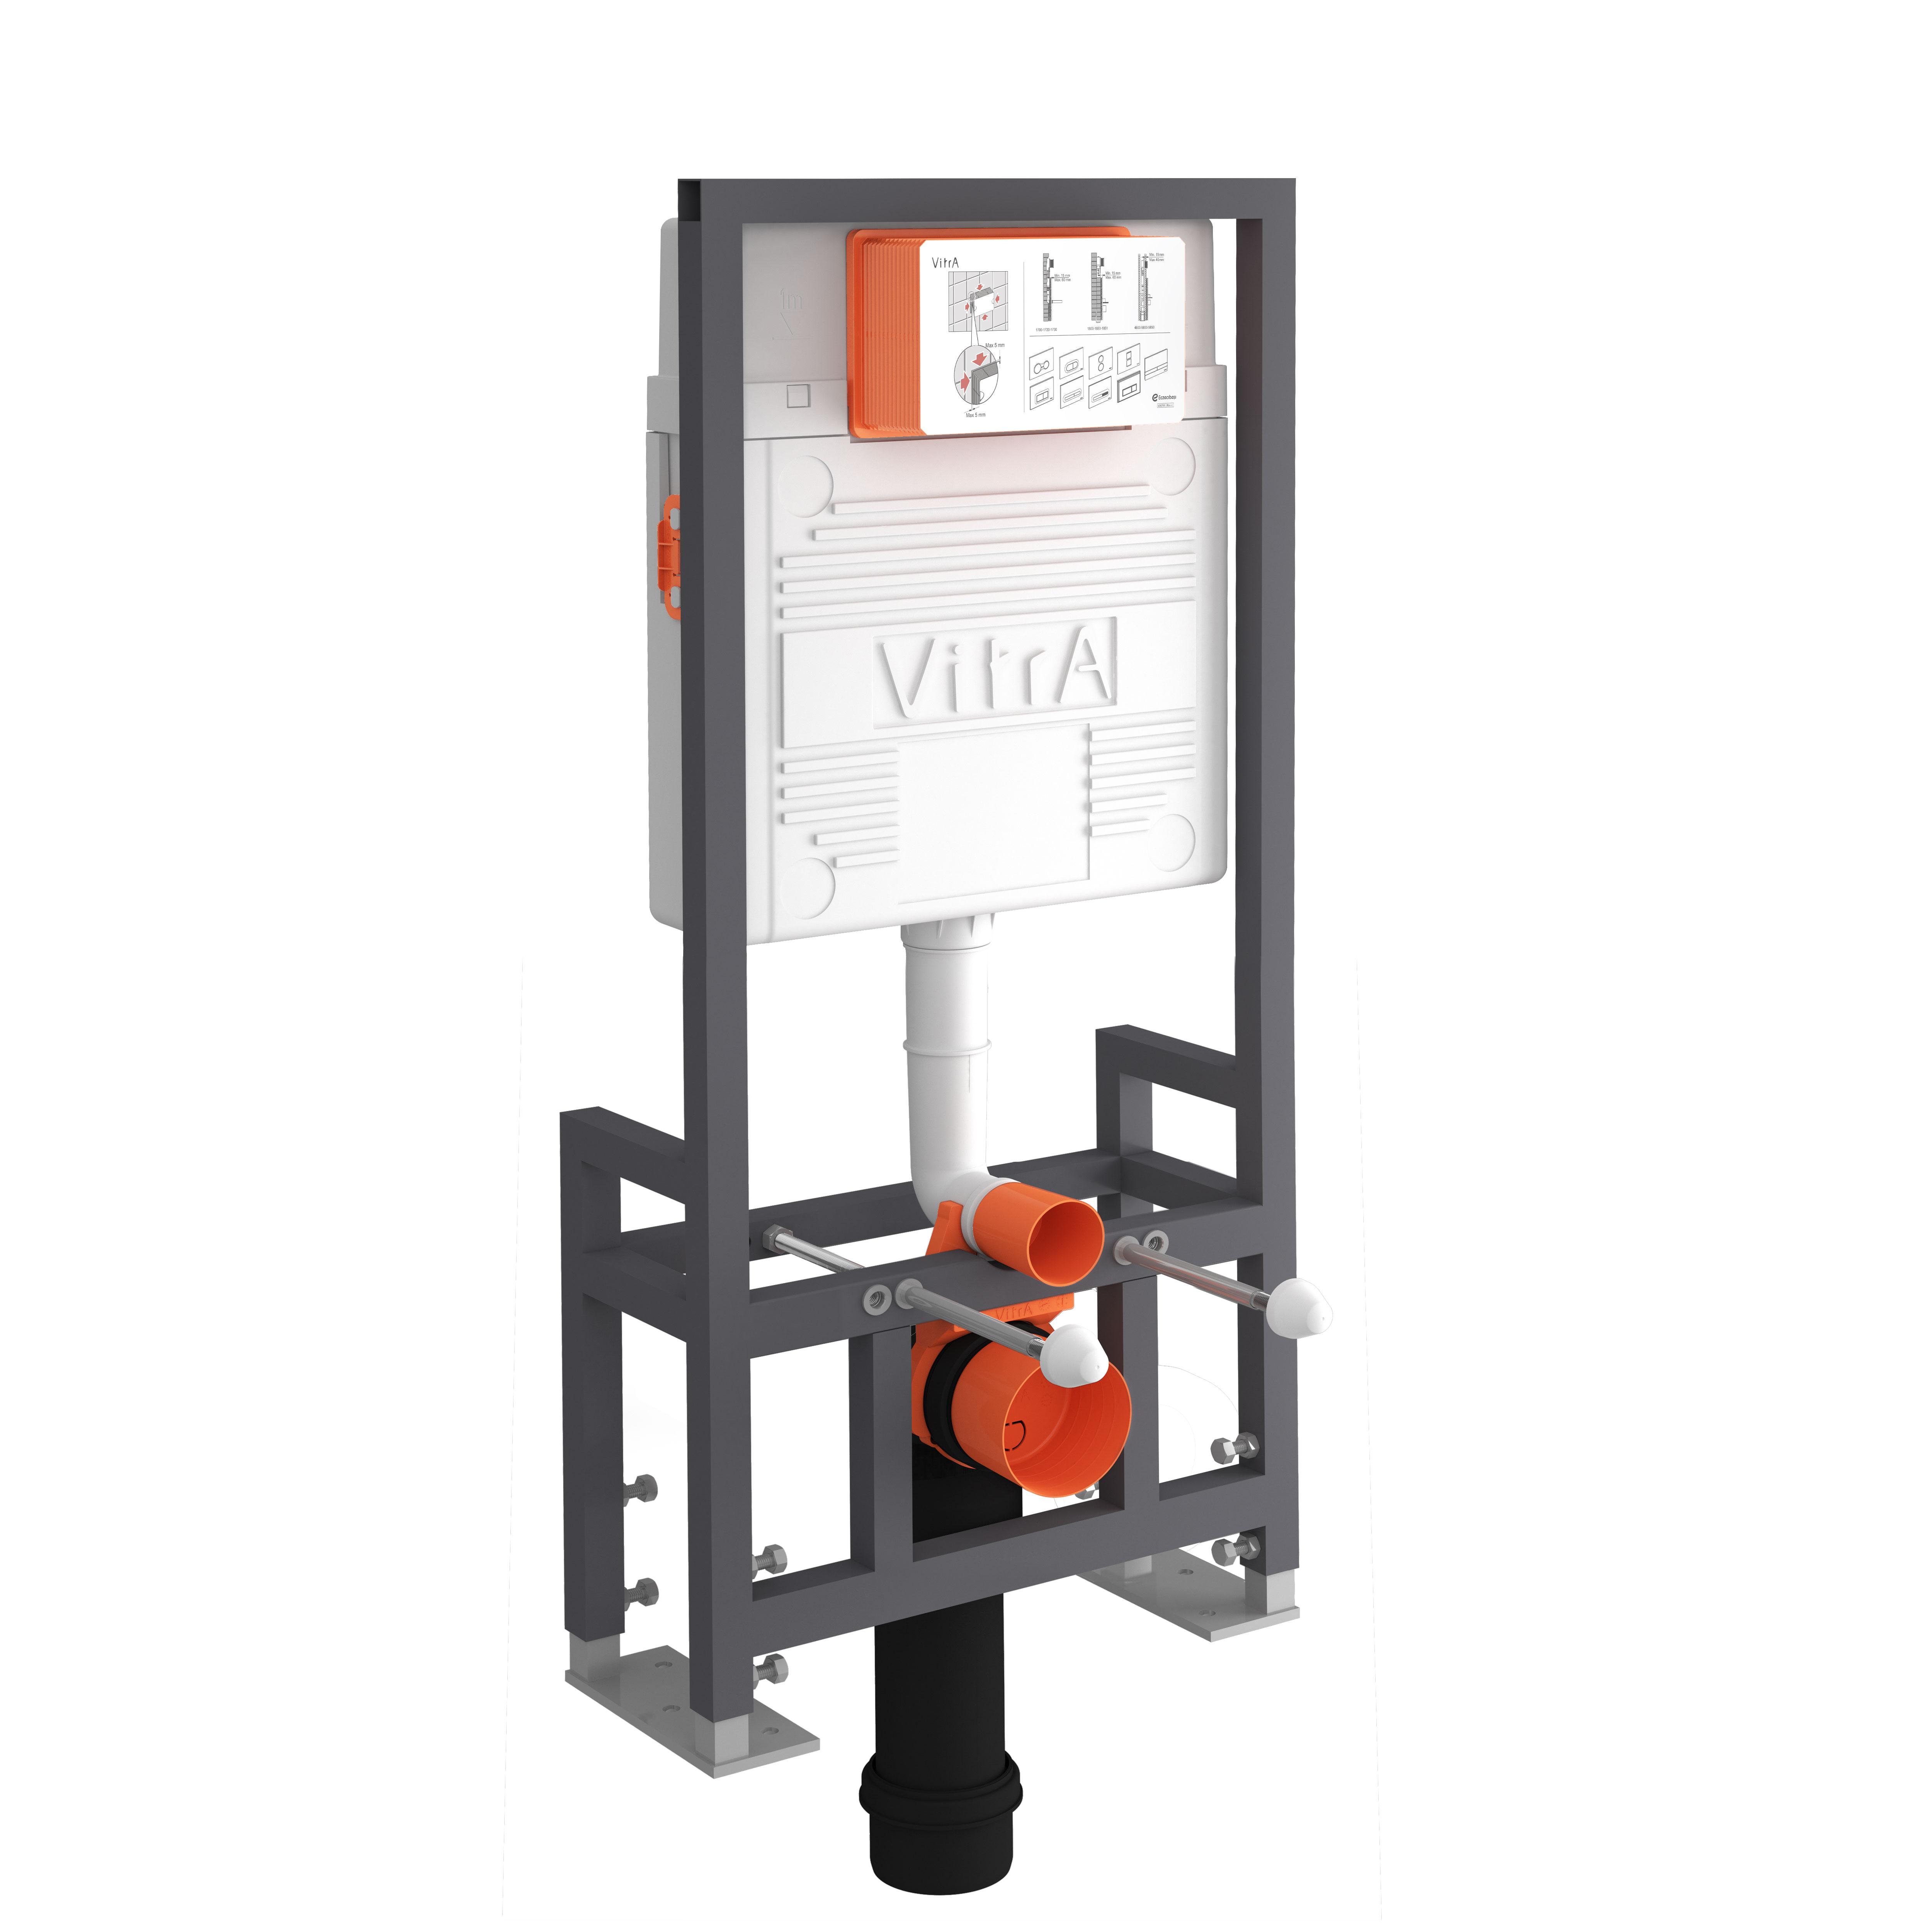 Bâti-support autoportant, 49 cm, mécanisme pour déclenchement 2 vol. d'eau(3/6 l)